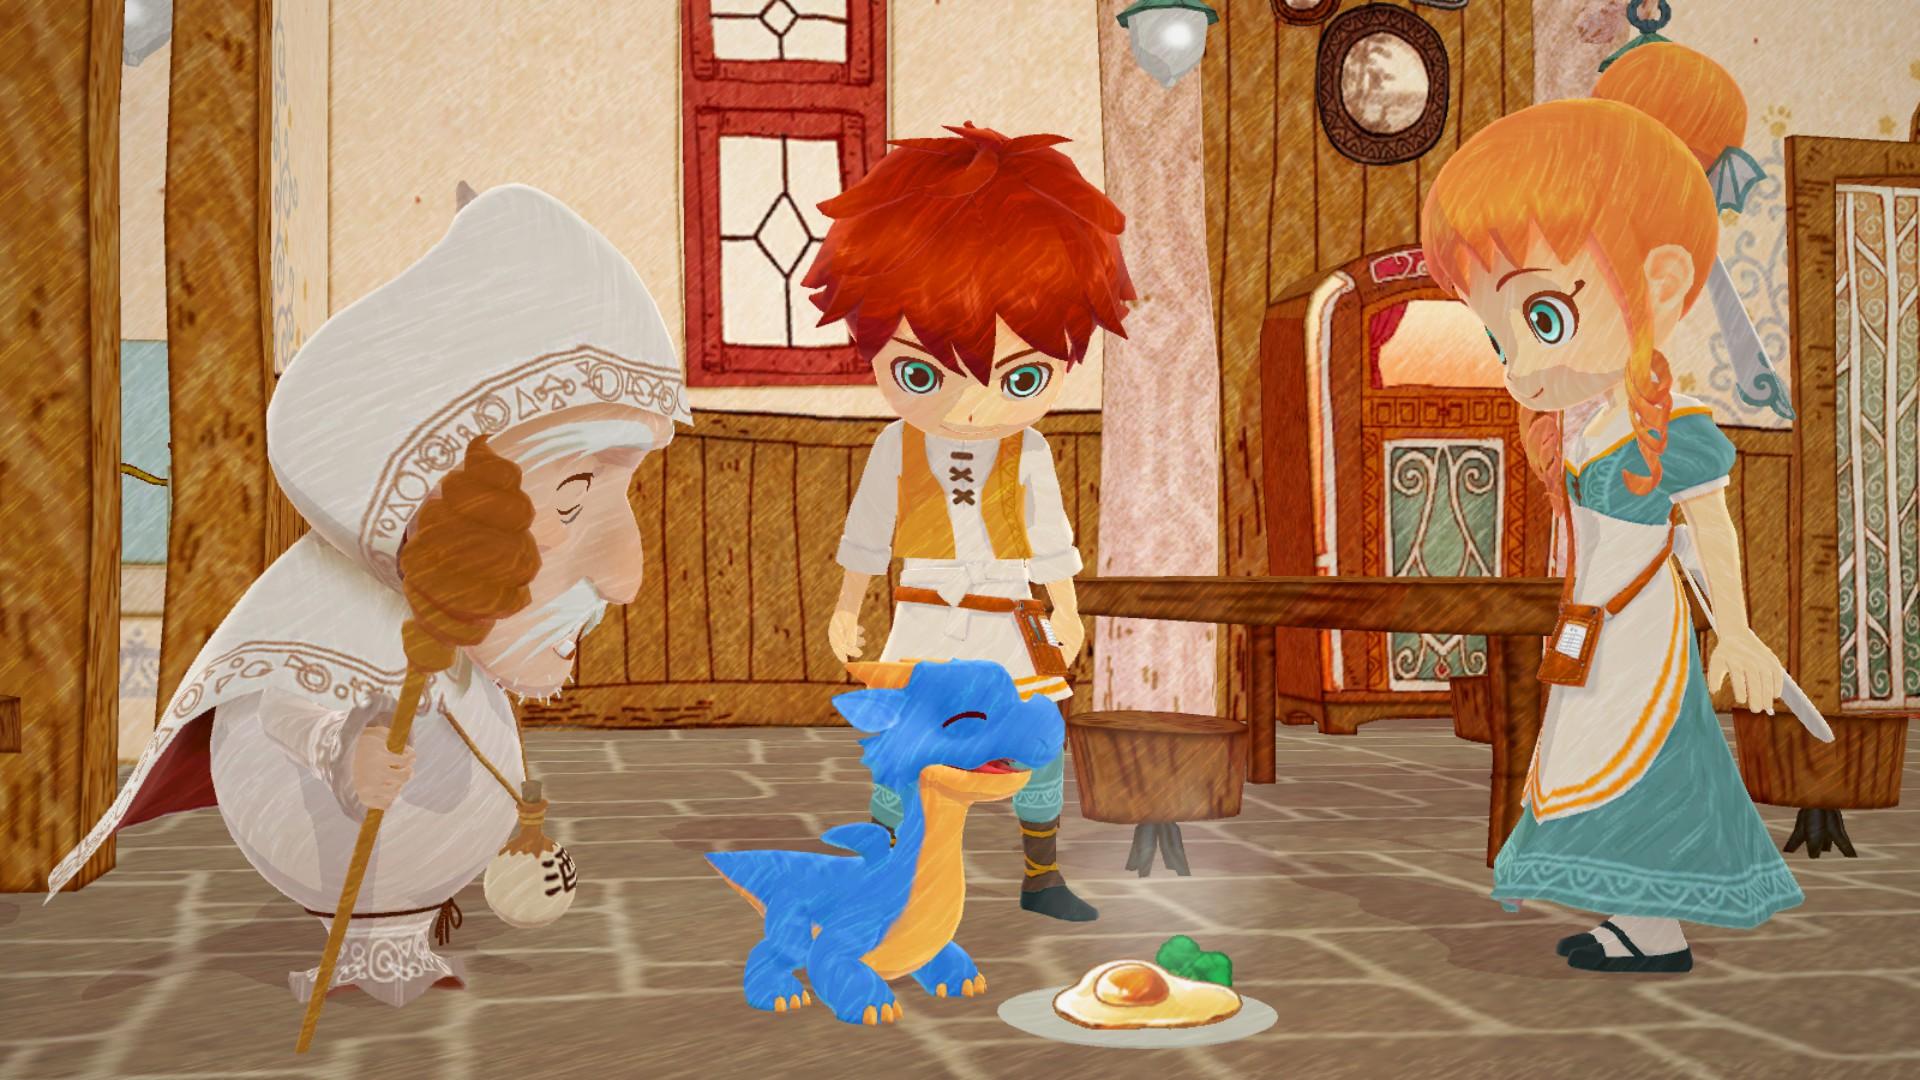 Review - Little Dragons Café (PC)